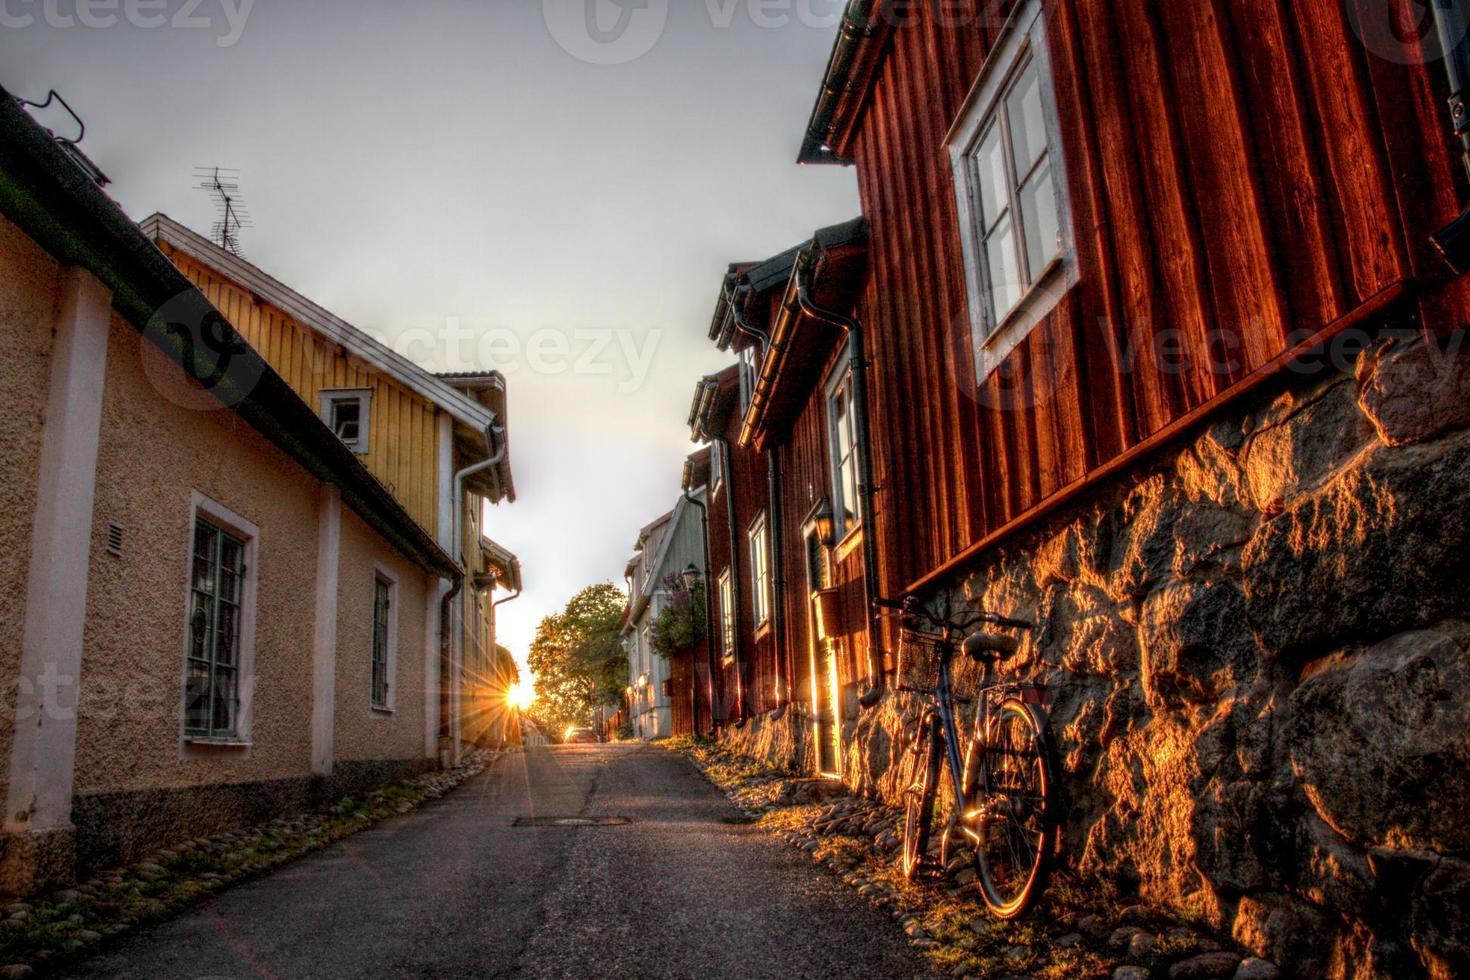 zonsondergang in de straten van Strängnäs, Zweden foto